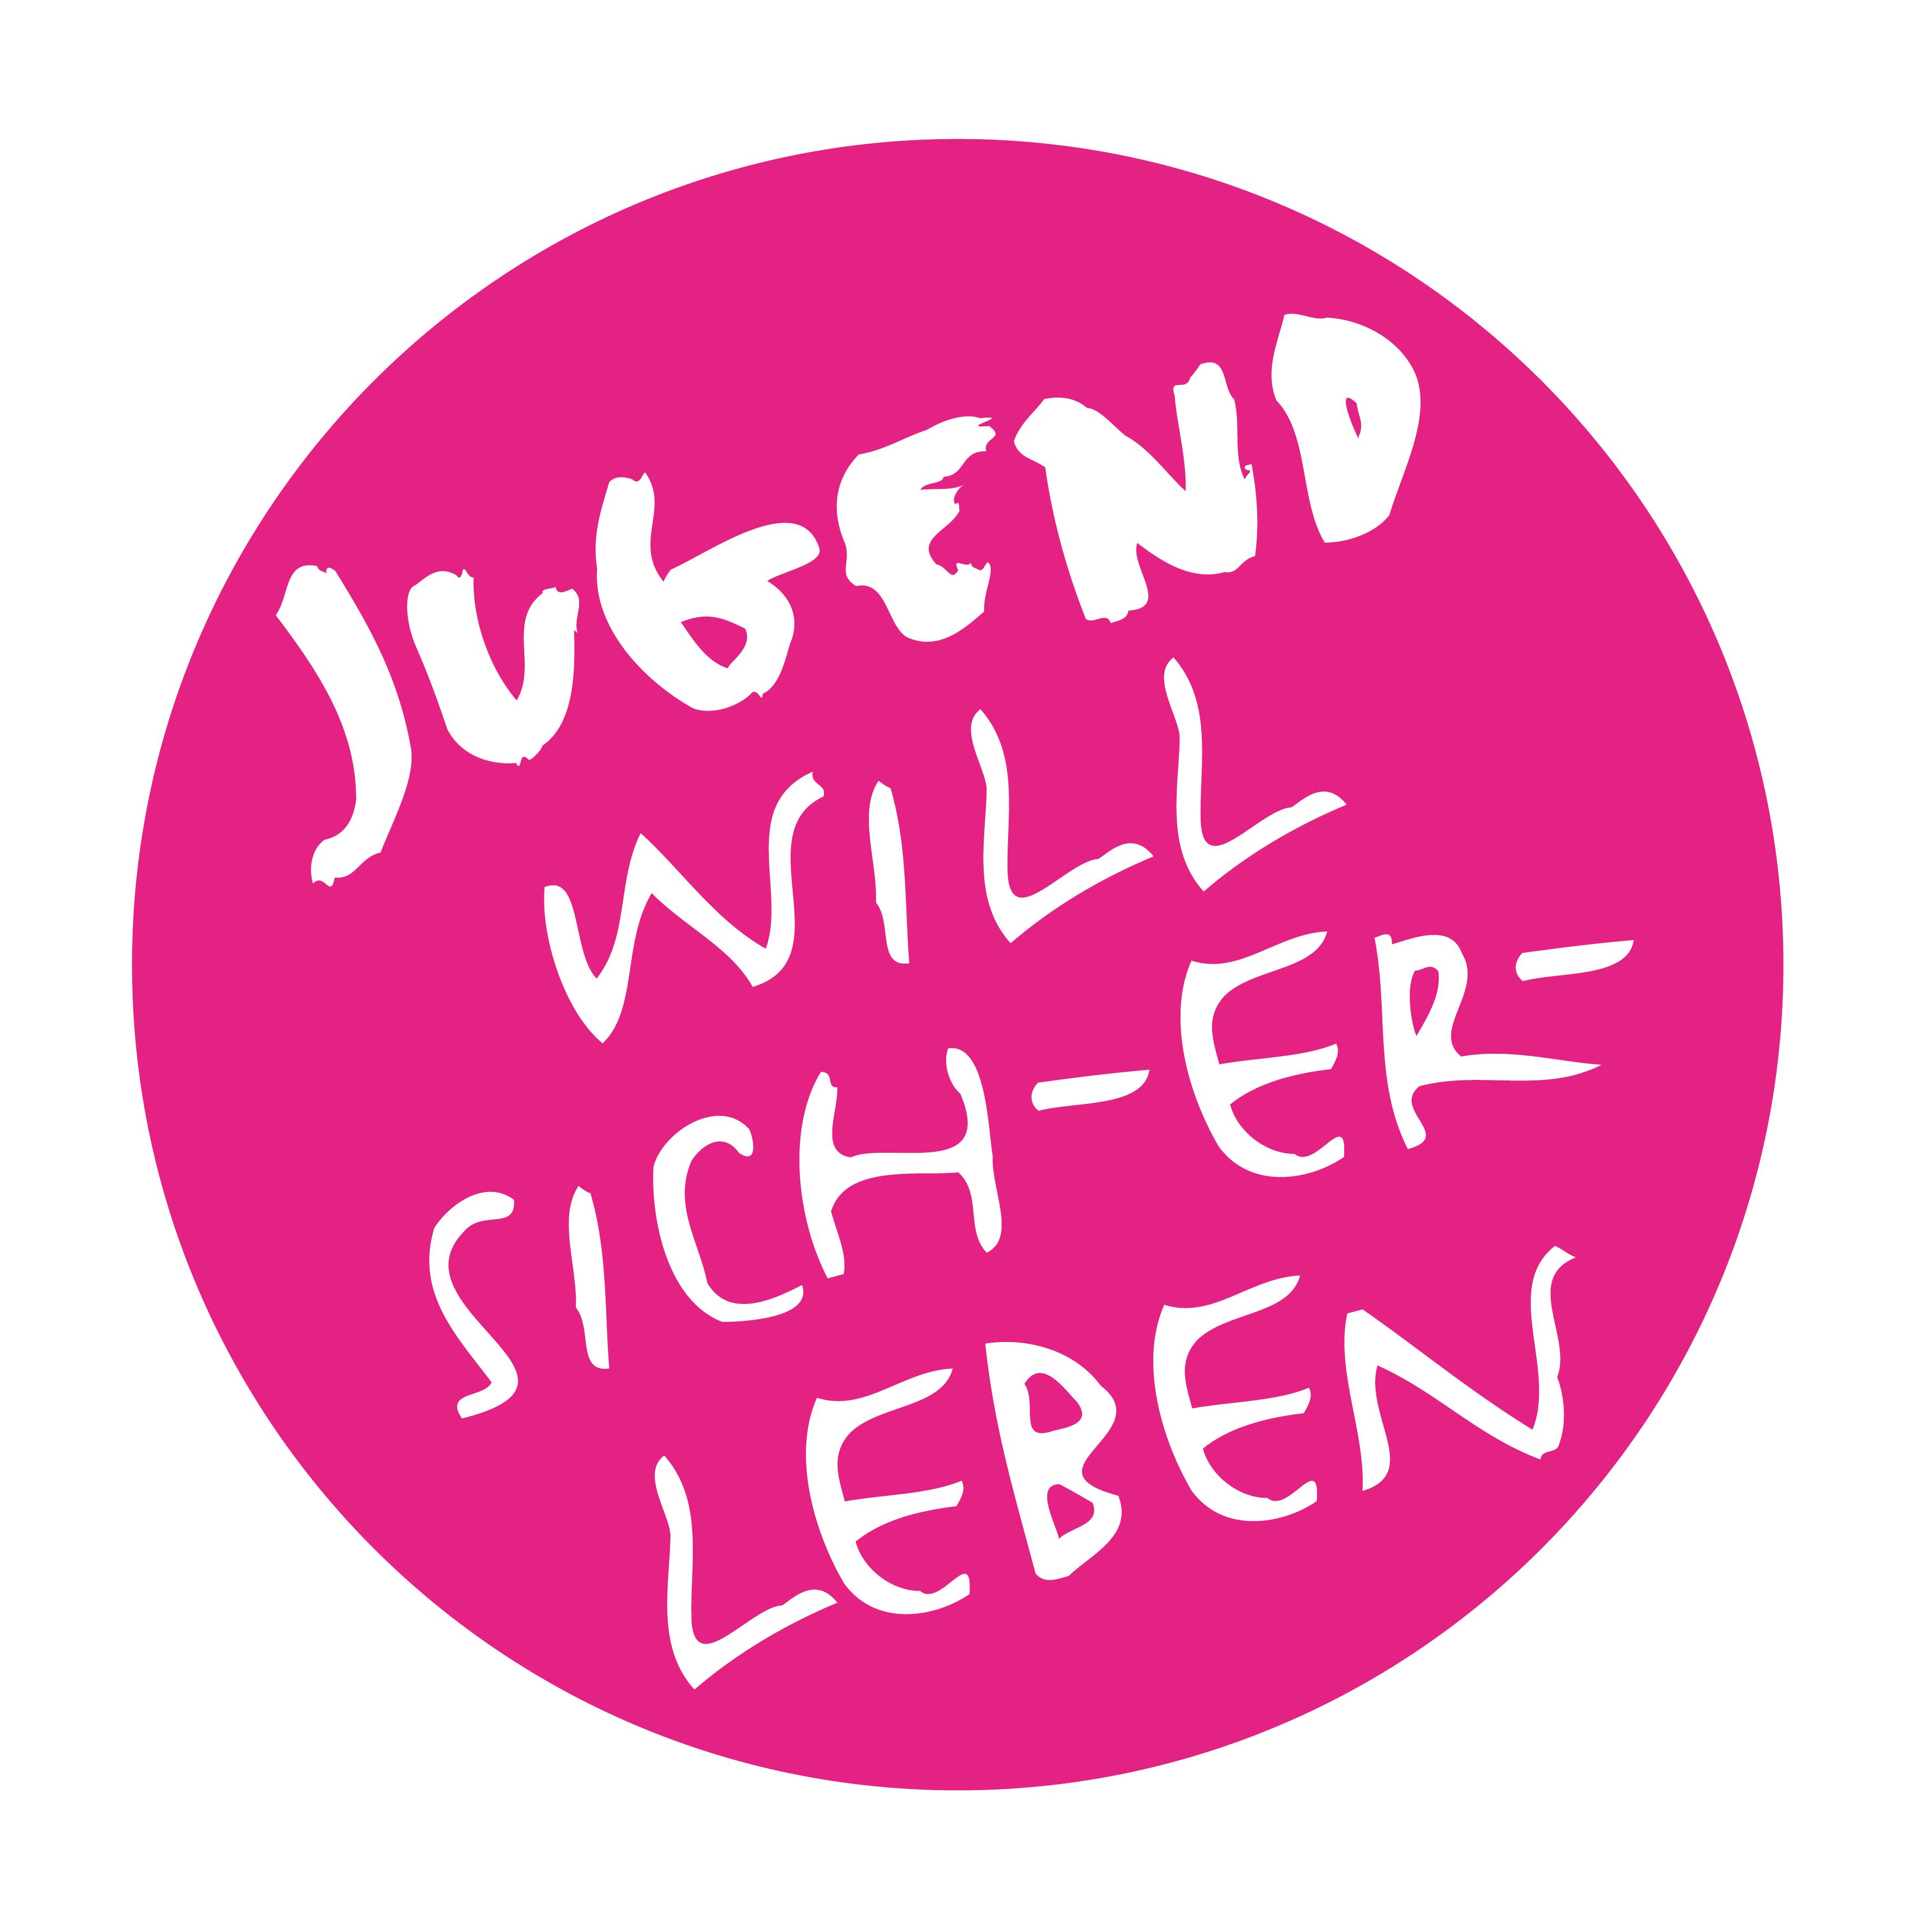 Jugend will sich-er-leben Logo